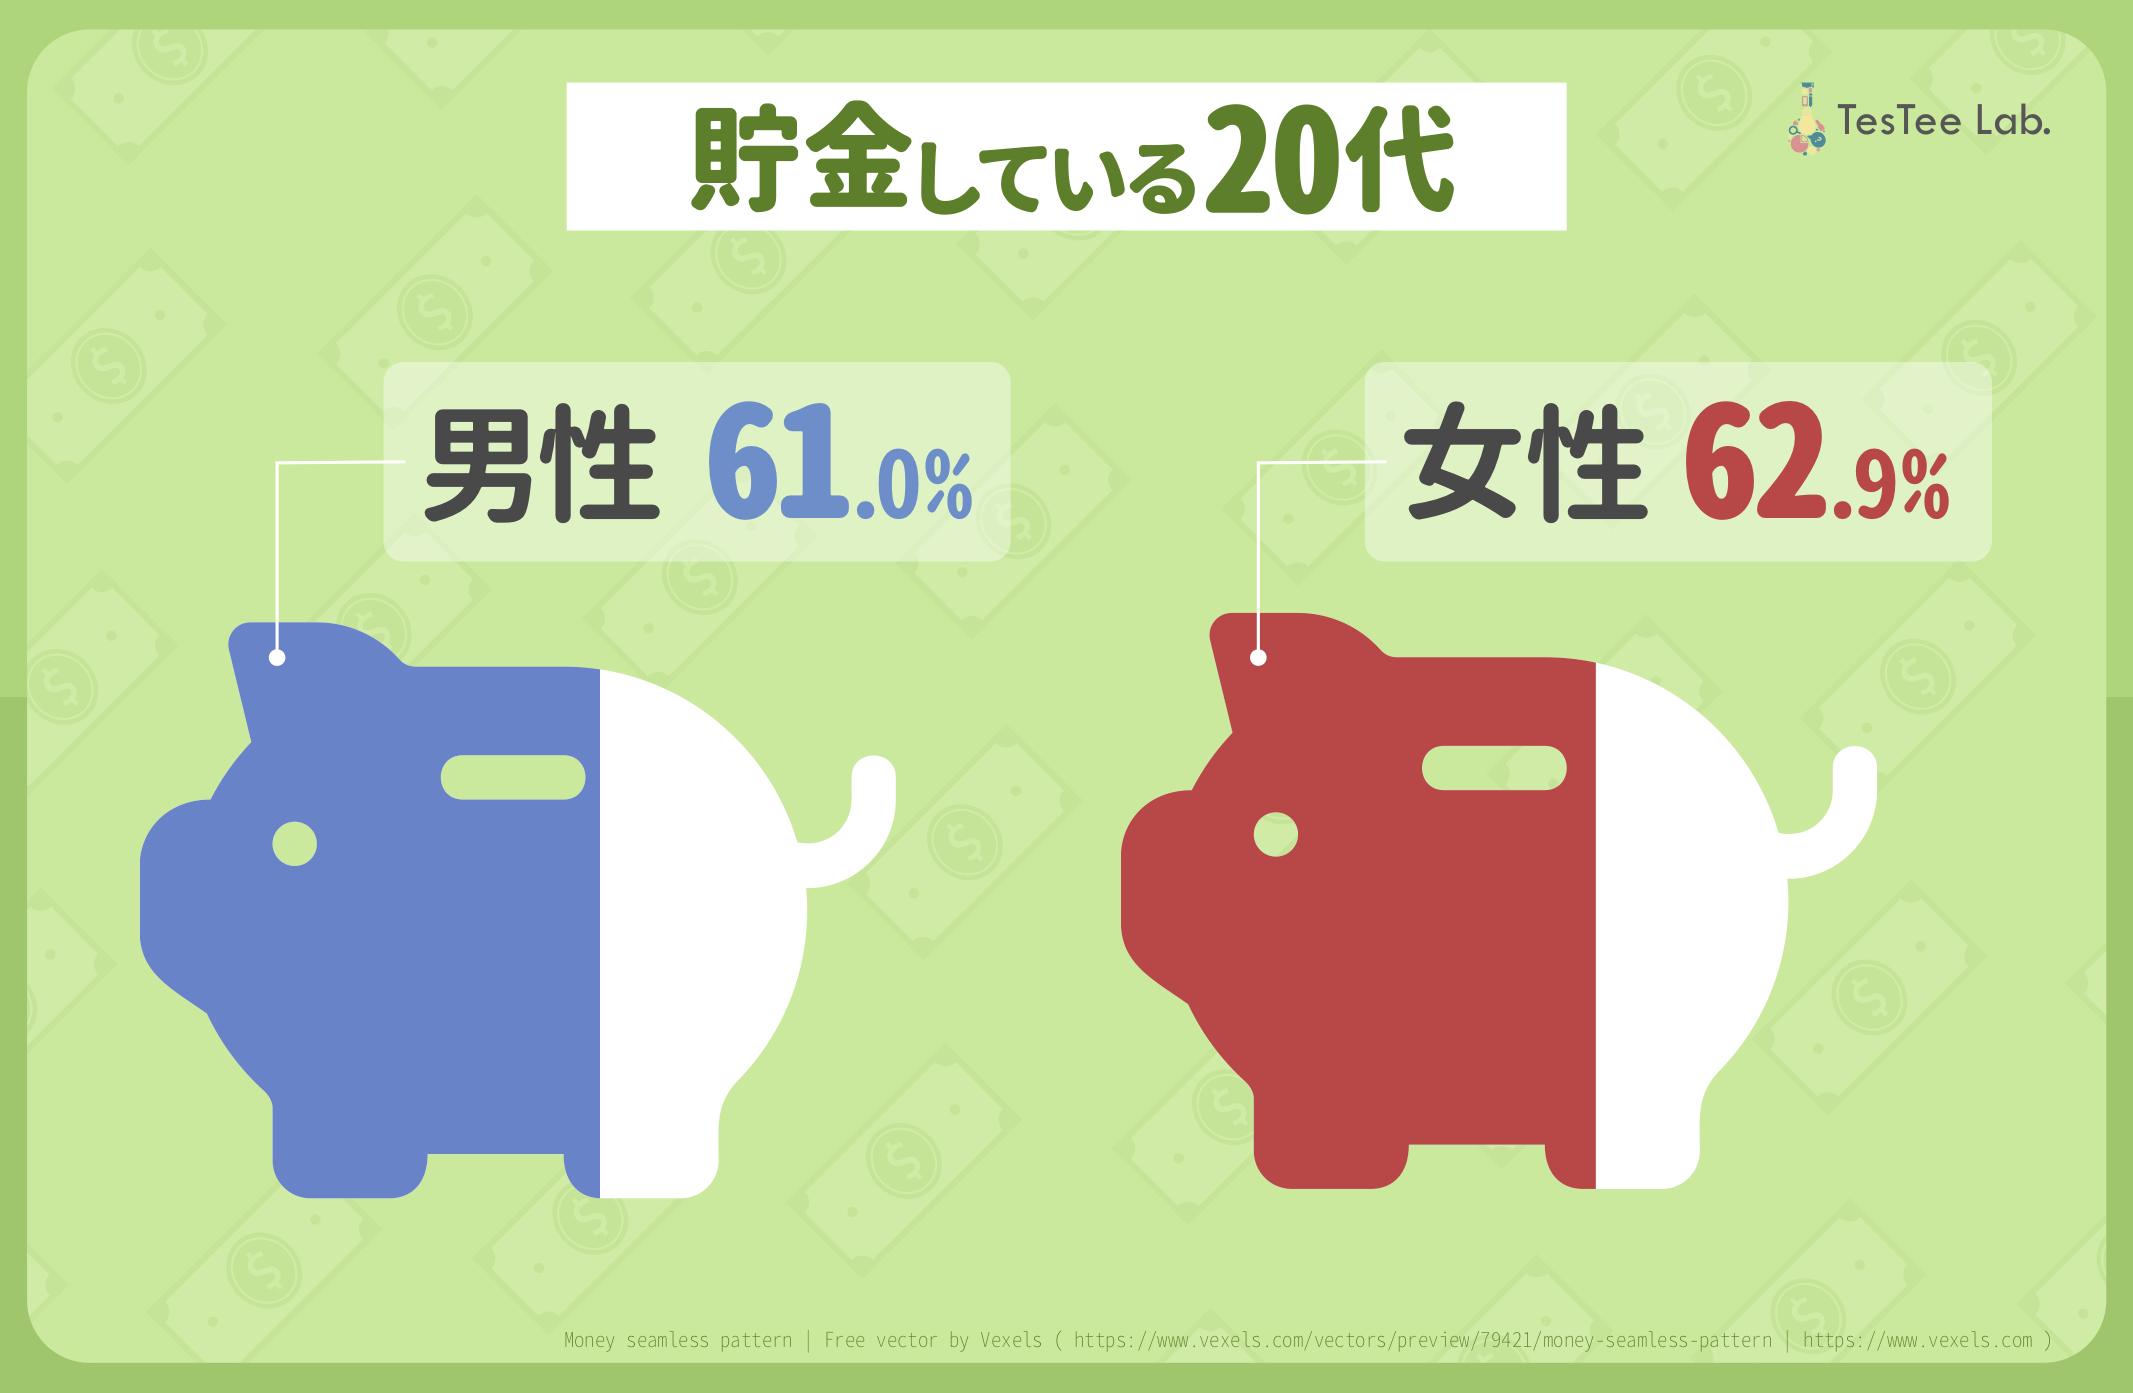 20代男女の「貯金と資産運用」に関する調査貯金率